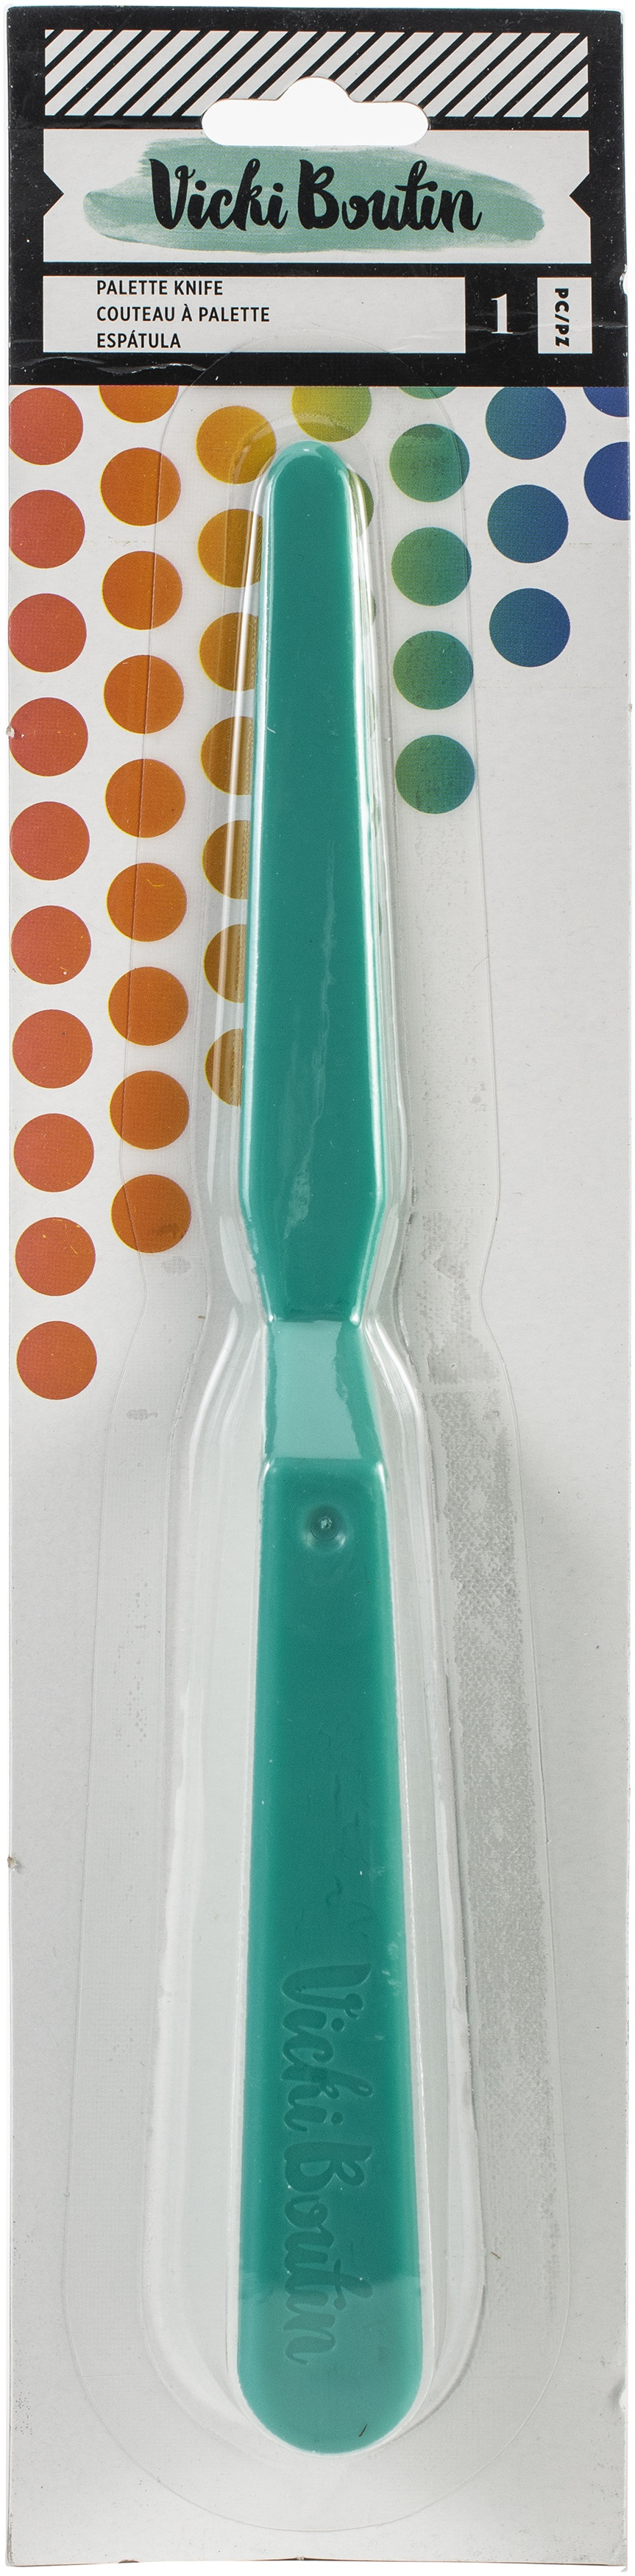 Vicki Boutin Color Kaleidoscope Silicon Palette Knife-